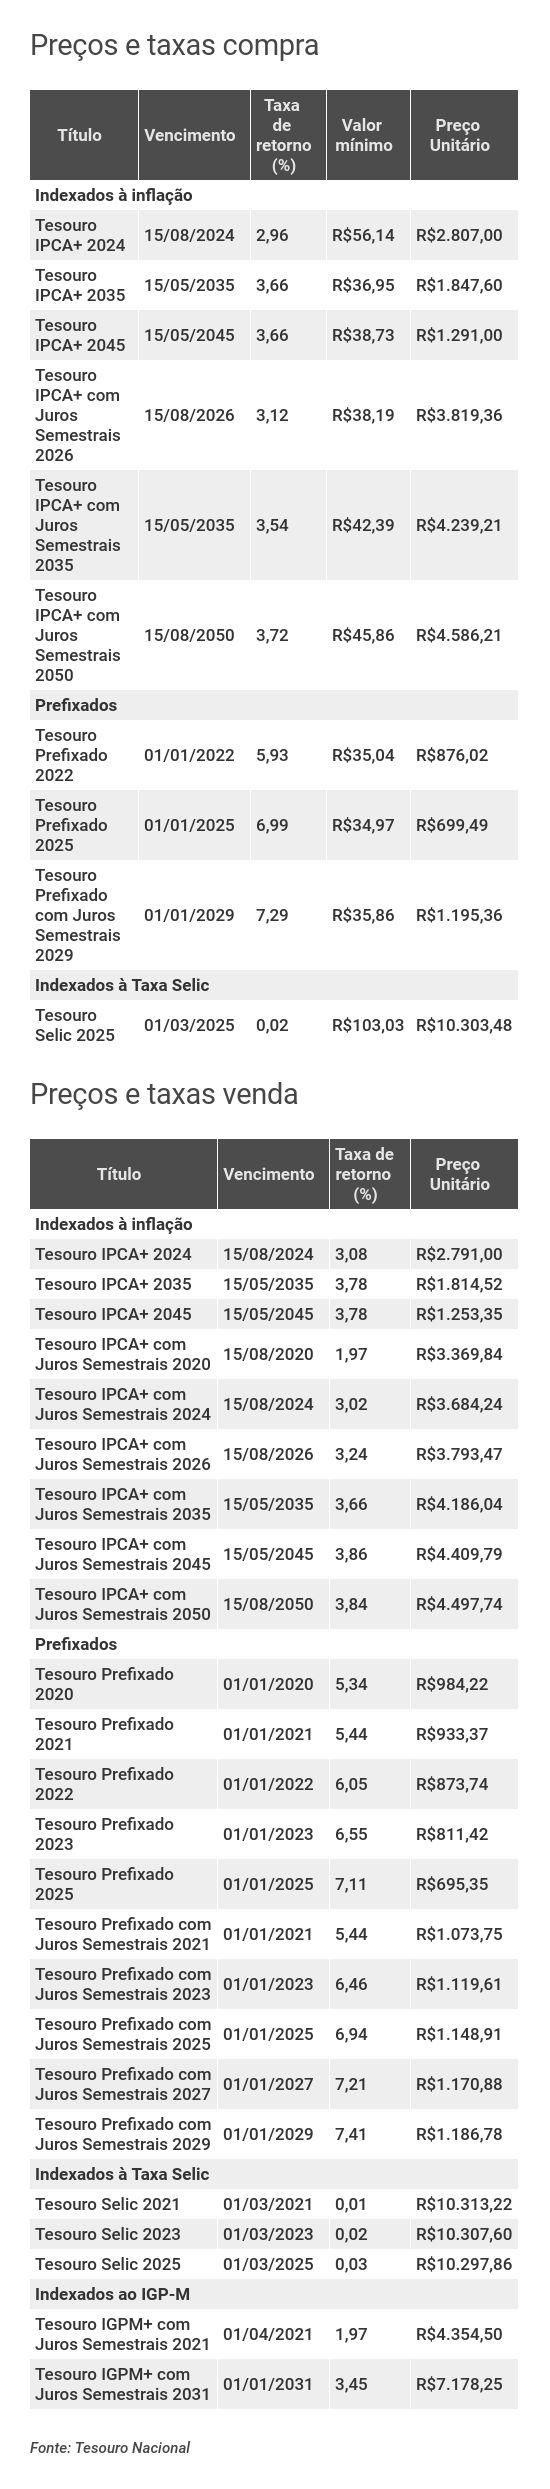 Preços e taxas do Tesouro Direto em 11 de setembro de 2019